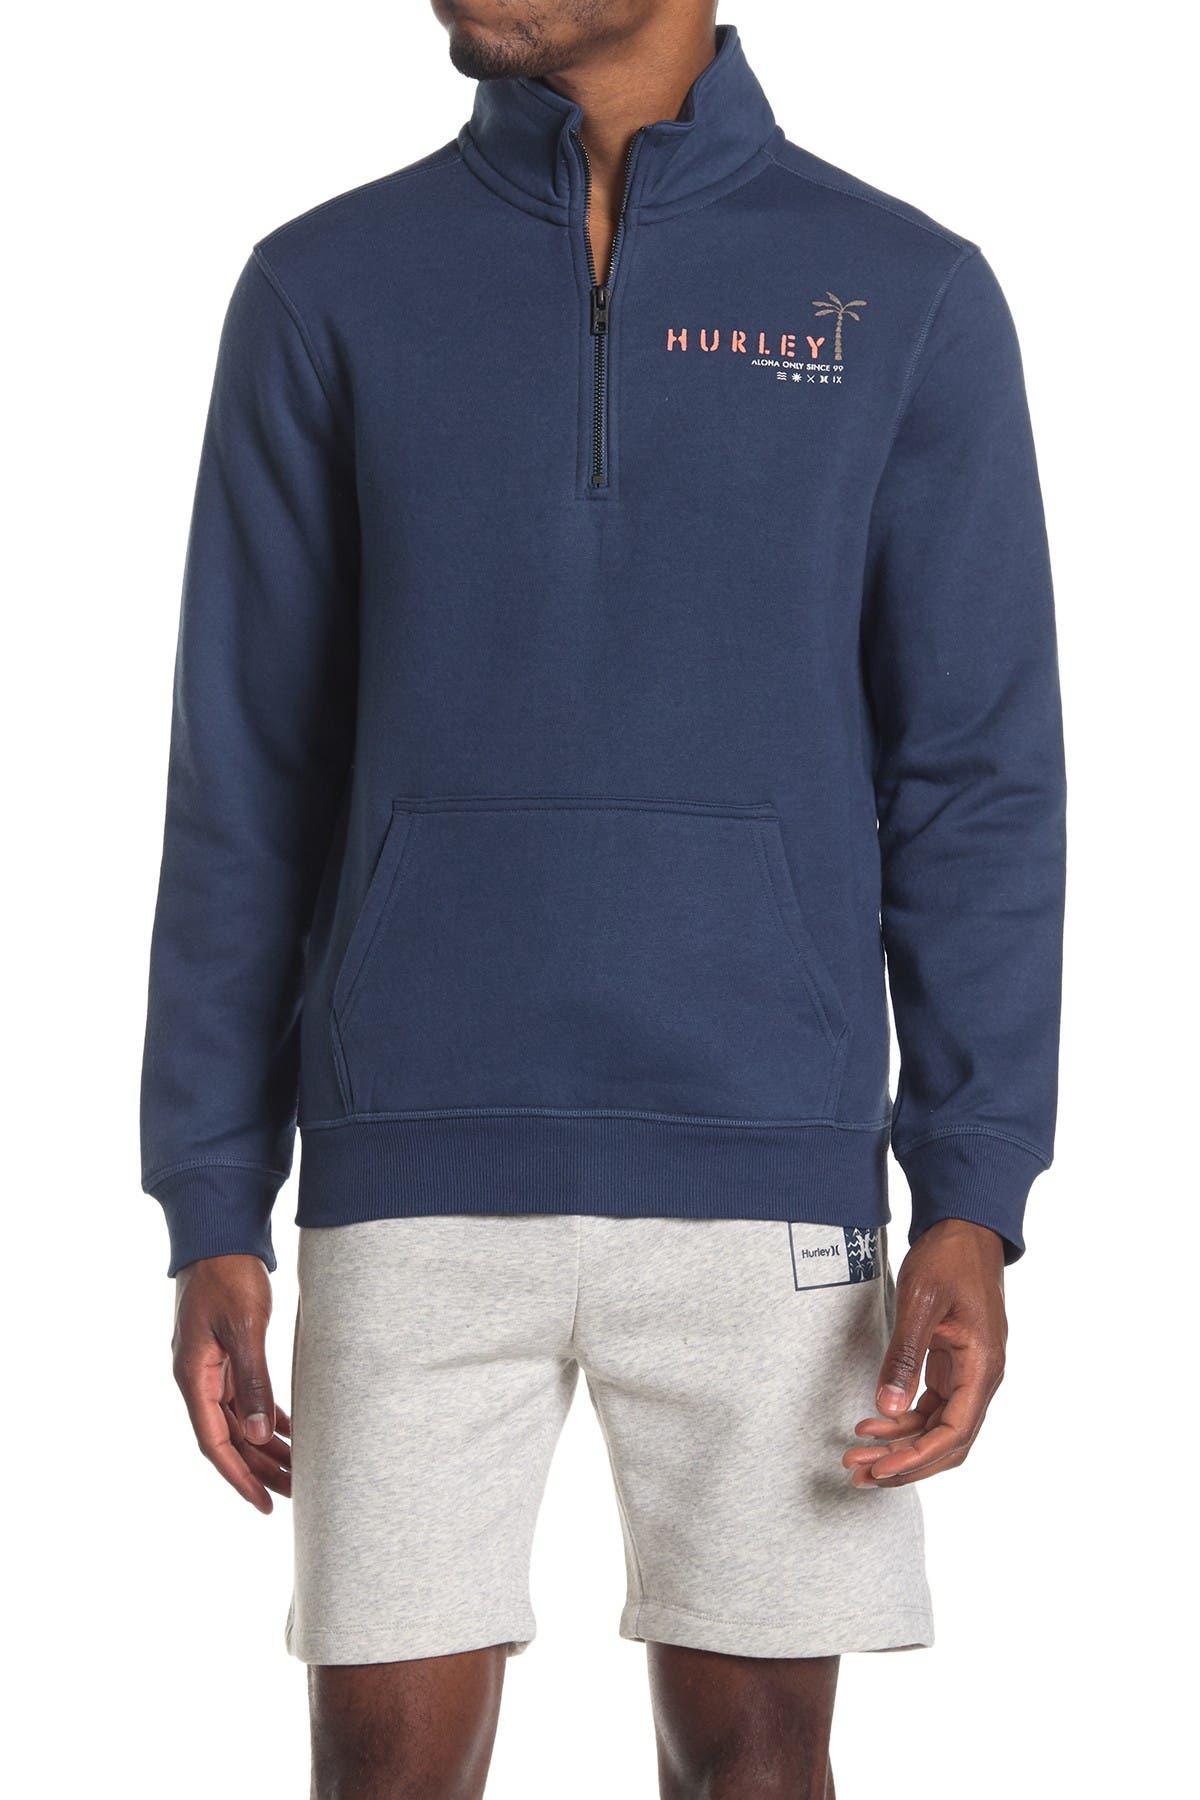 Image of Hurley Quarter Zip Fleece Pullover Sweater